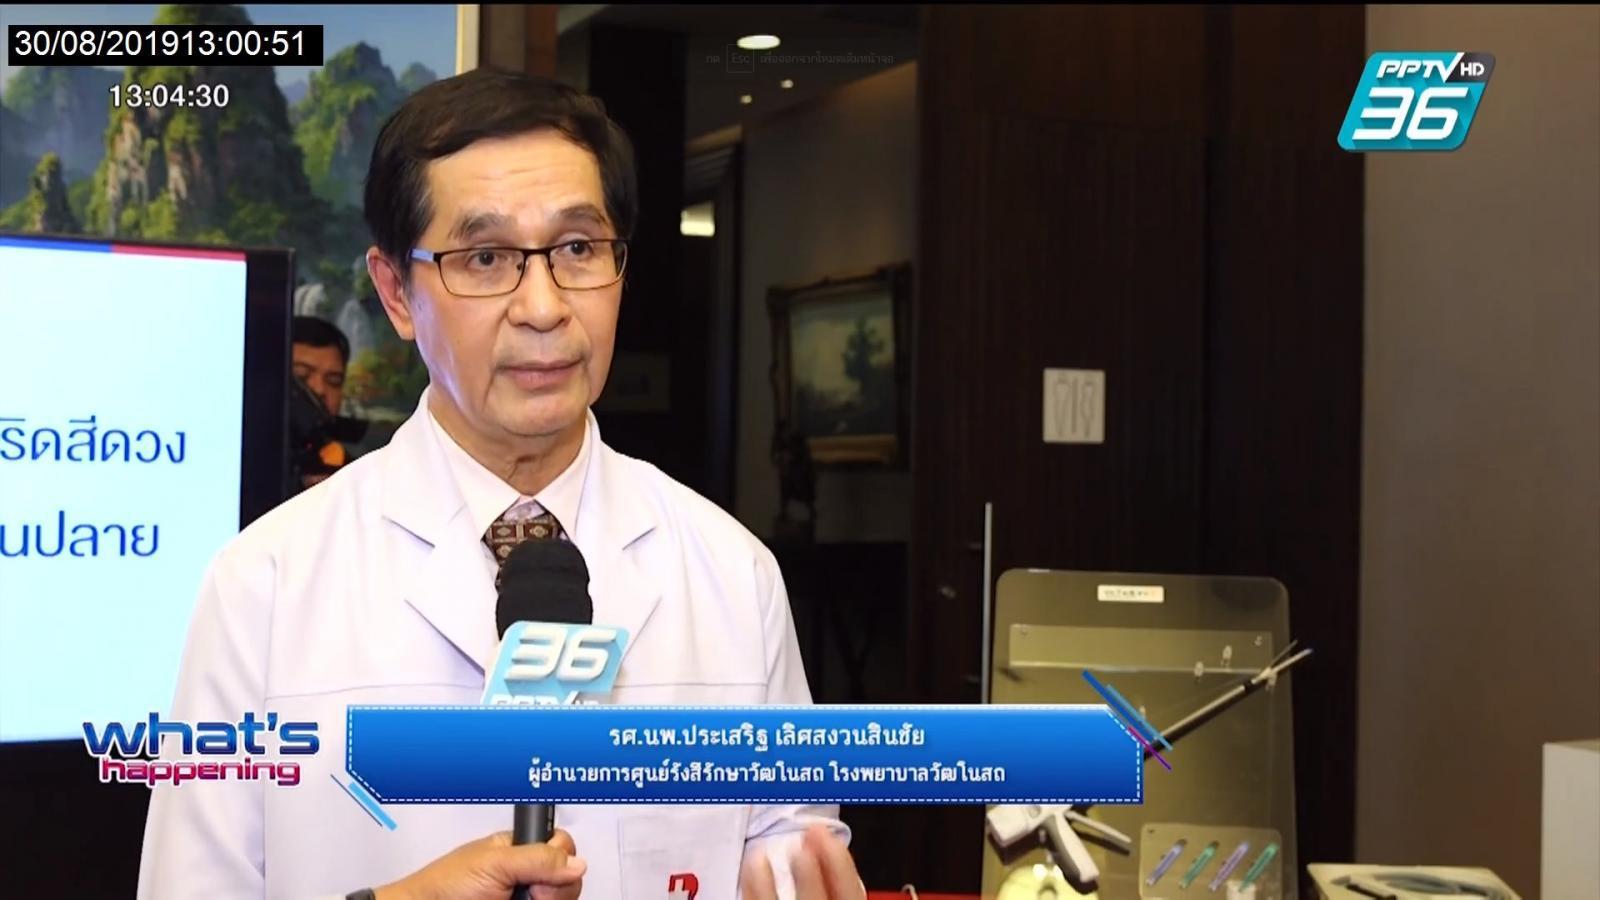 """รพ.กรุงเทพ จัดงานสัมมนาพูดคุย เรื่อง """"อาการถ่ายเป็นเลือด อาจเสี่ยงริดสีดวง หรือ มะเร็งลำไส้ใหญ่ส่วนปลาย"""""""